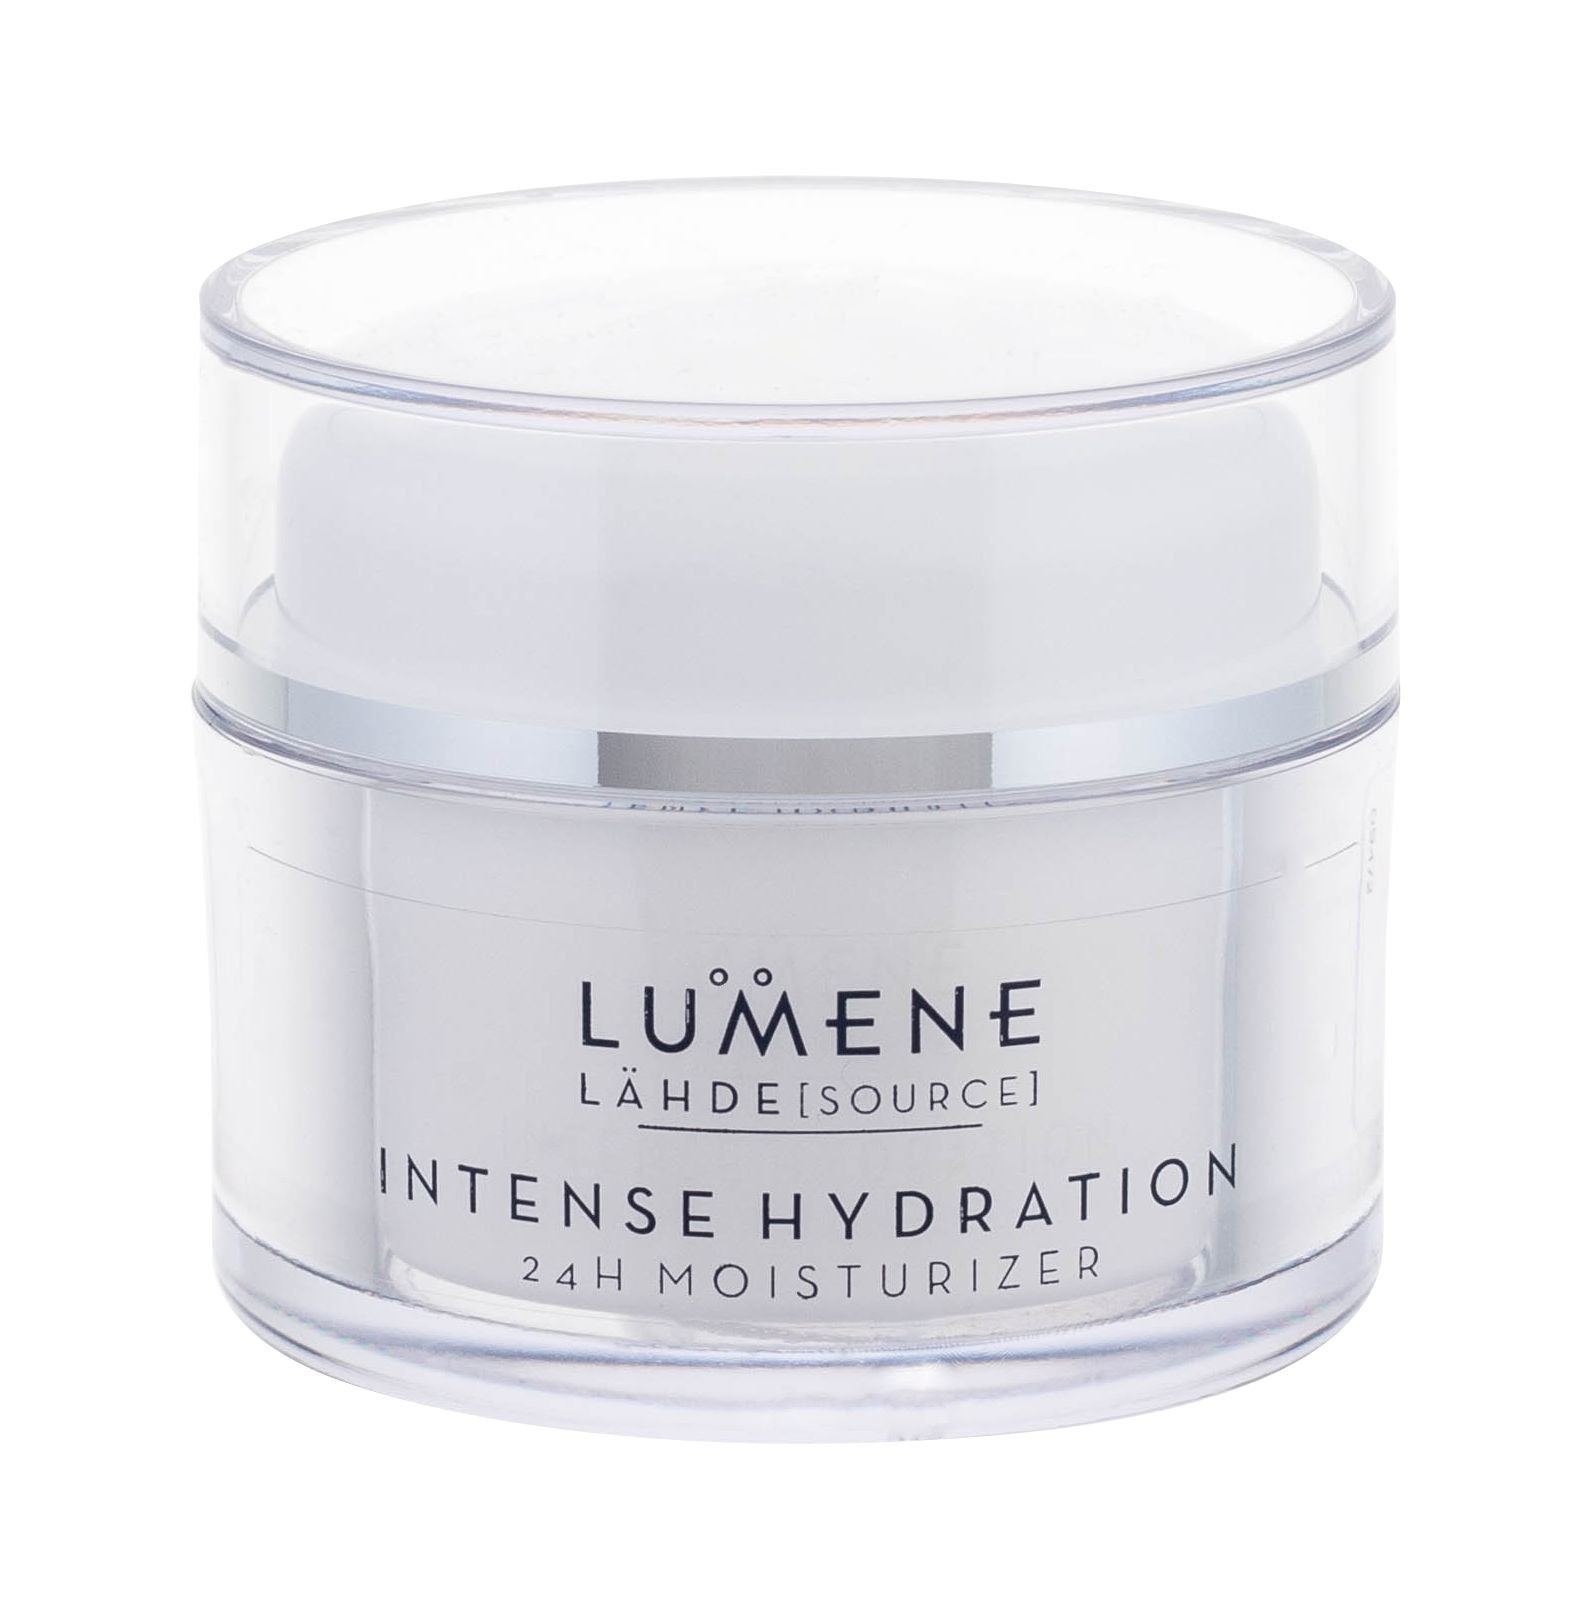 Lumene Lahde Day Cream 50ml